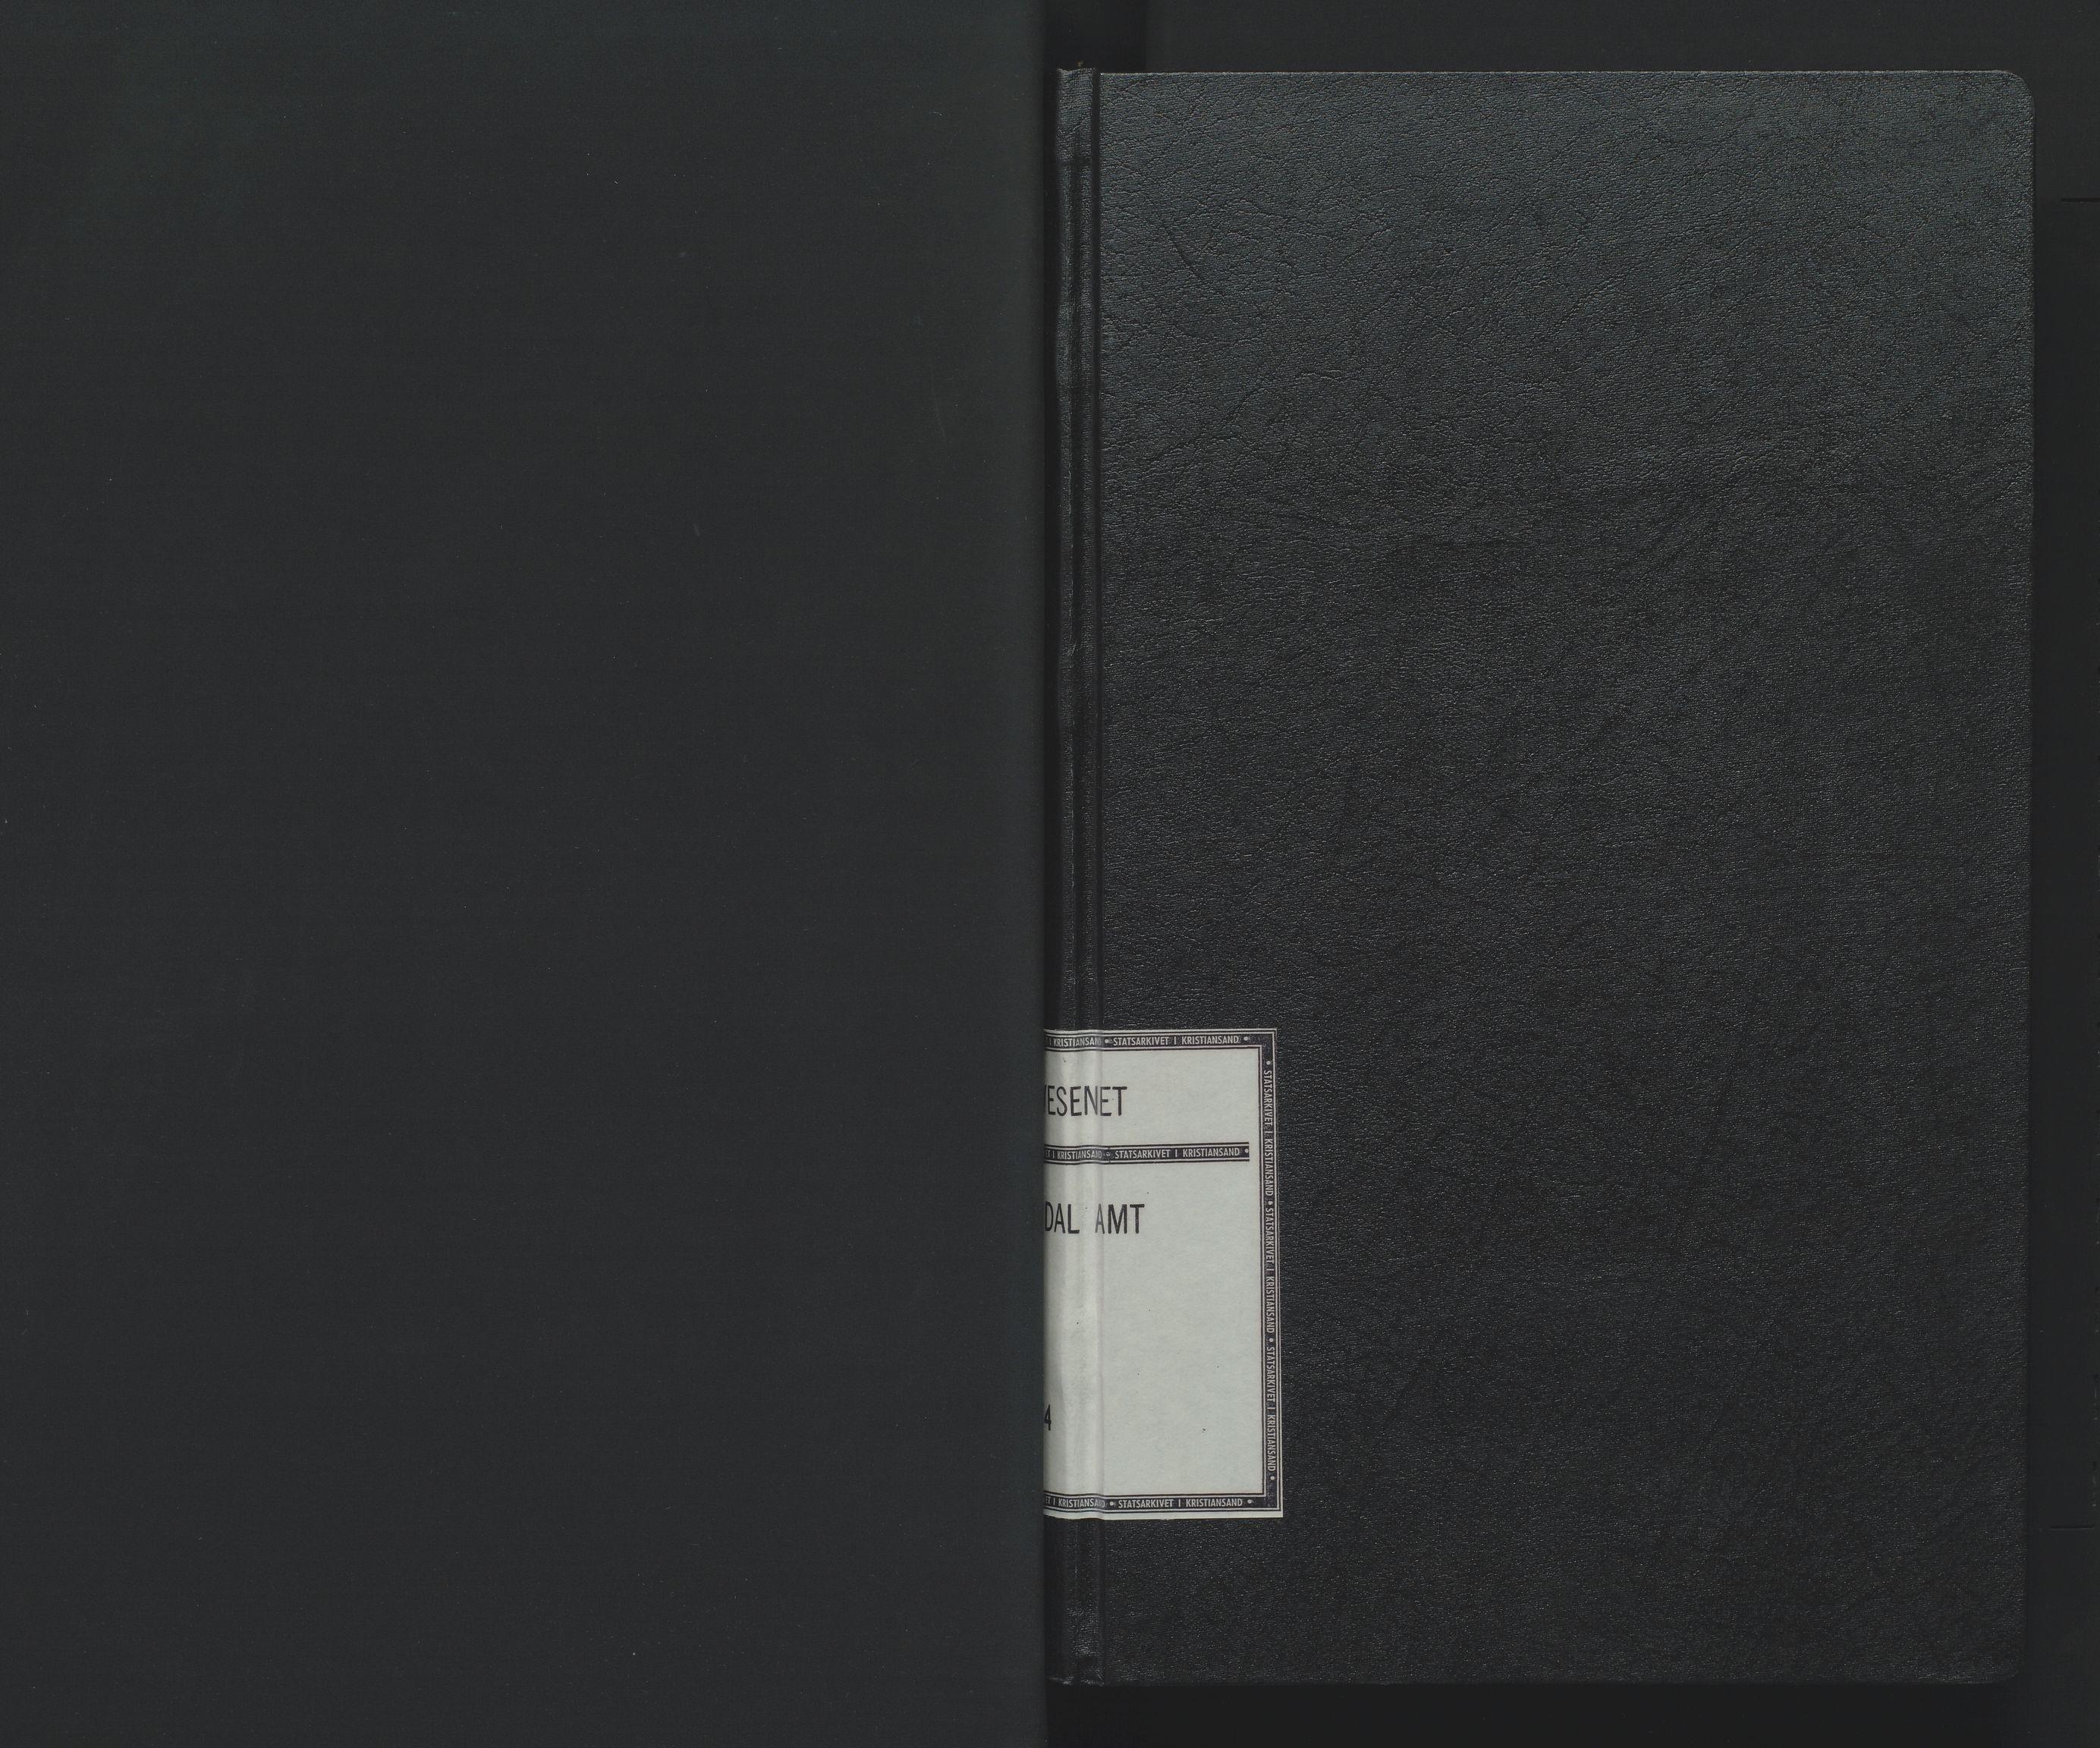 SAK, Utskiftningsformannen i Lister og Mandal amt, F/Fa/Faa/L0006: Utskiftningsprotokoll med register nr 6, 1864-1874